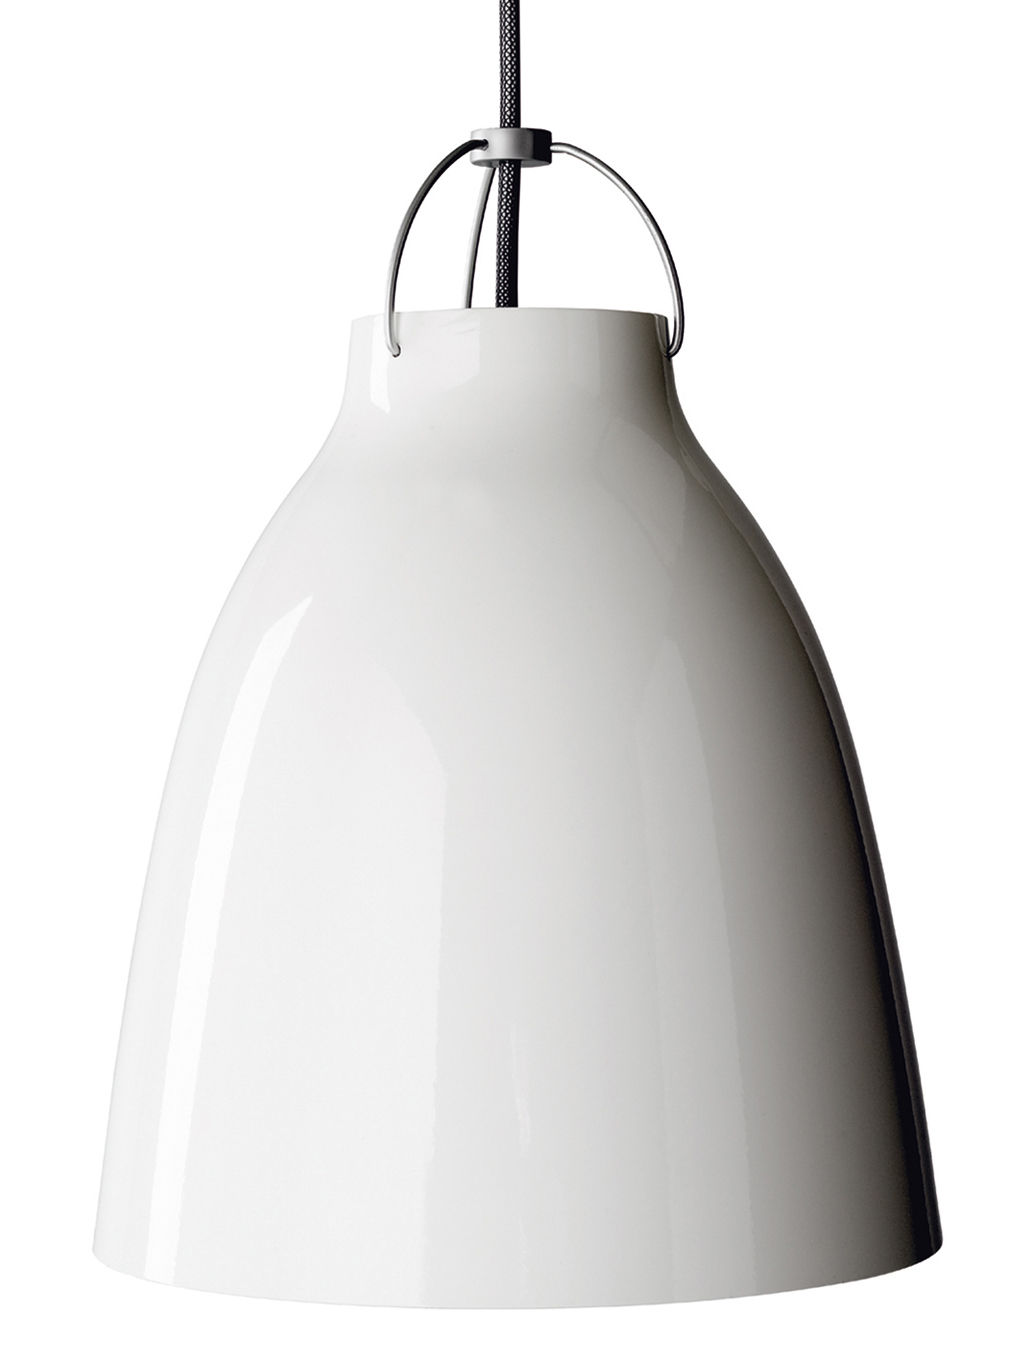 Luminaire - Suspensions - Suspension Caravaggio XS / Ø 11 cm - Lightyears - Blanc brillant / Câble gris - Aluminium laqué